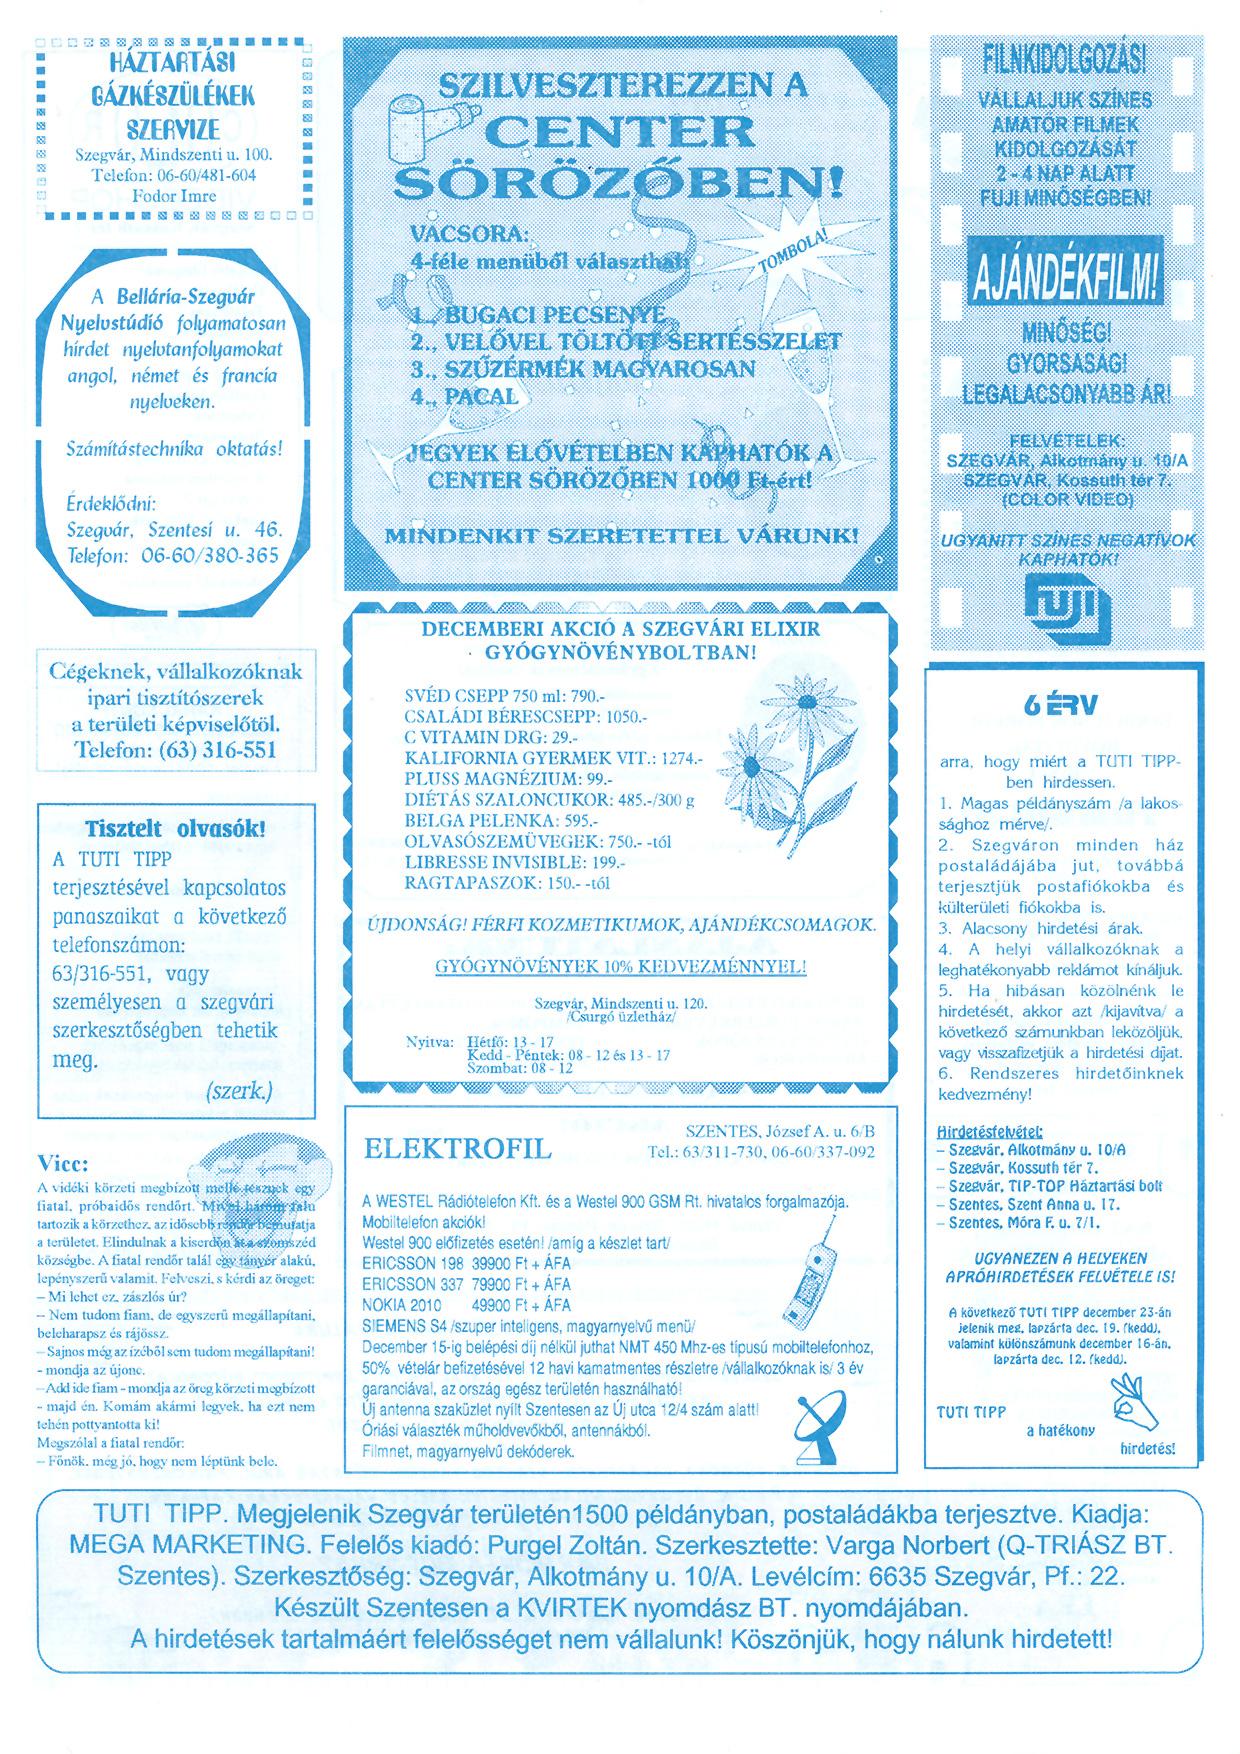 022 Szegvári Tuti Tipp reklámújság - 19951209-010. lapszám -2.oldal - I. évfolyam.jpg